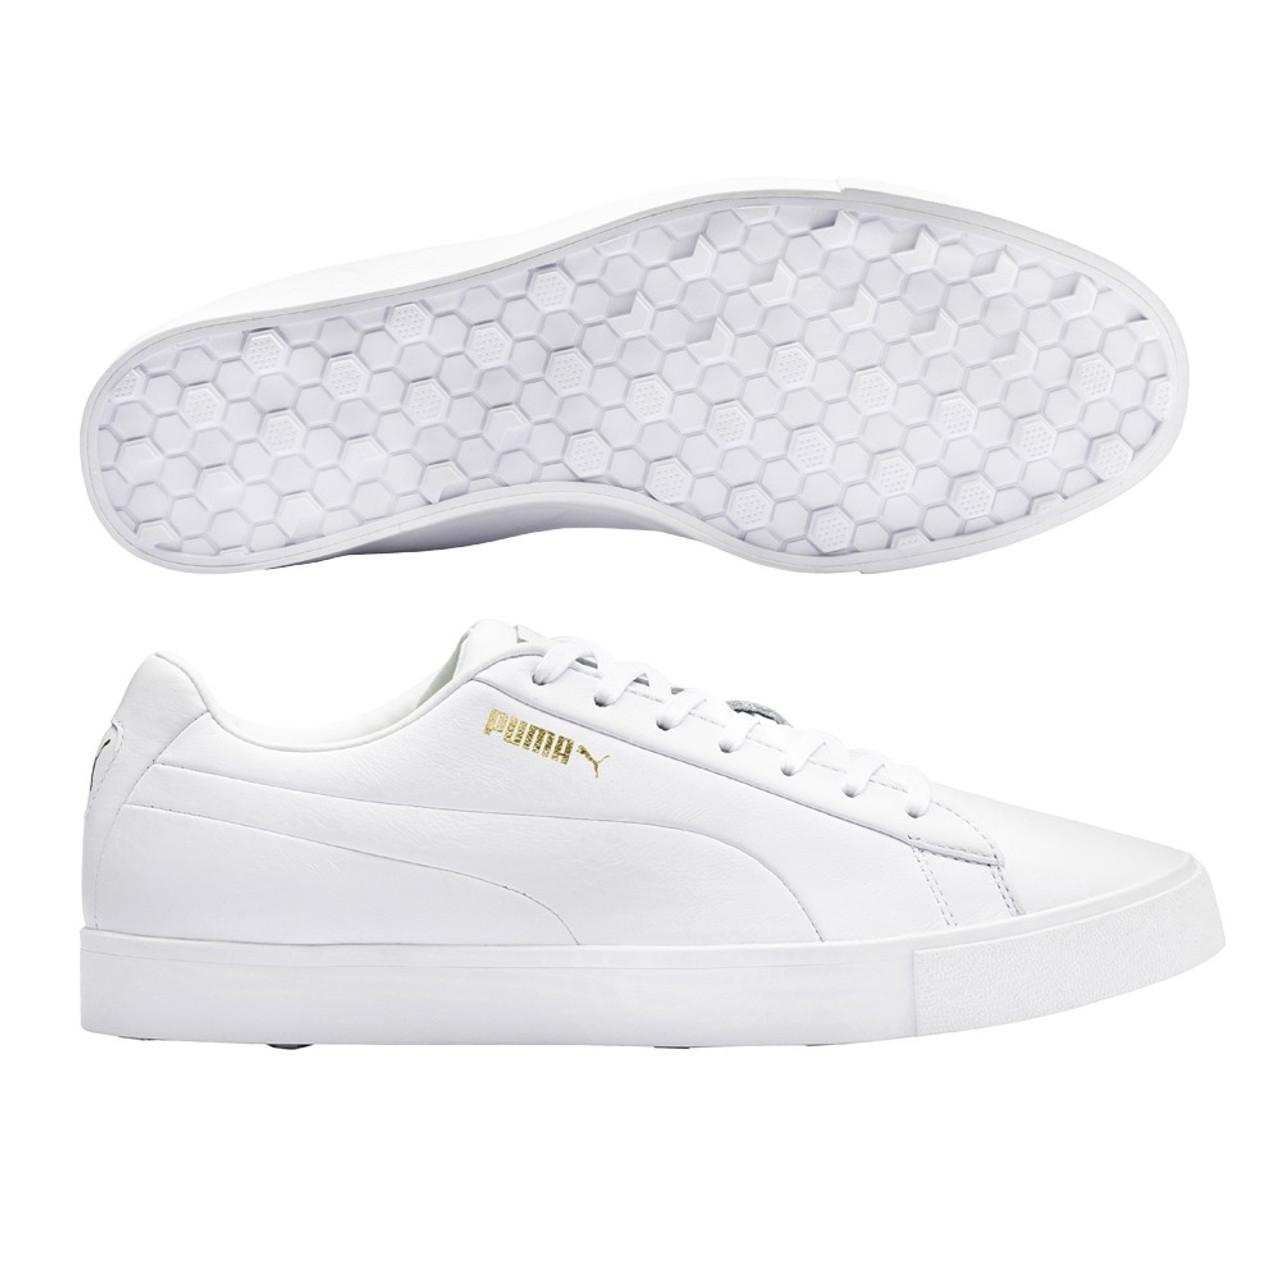 puma original shoes